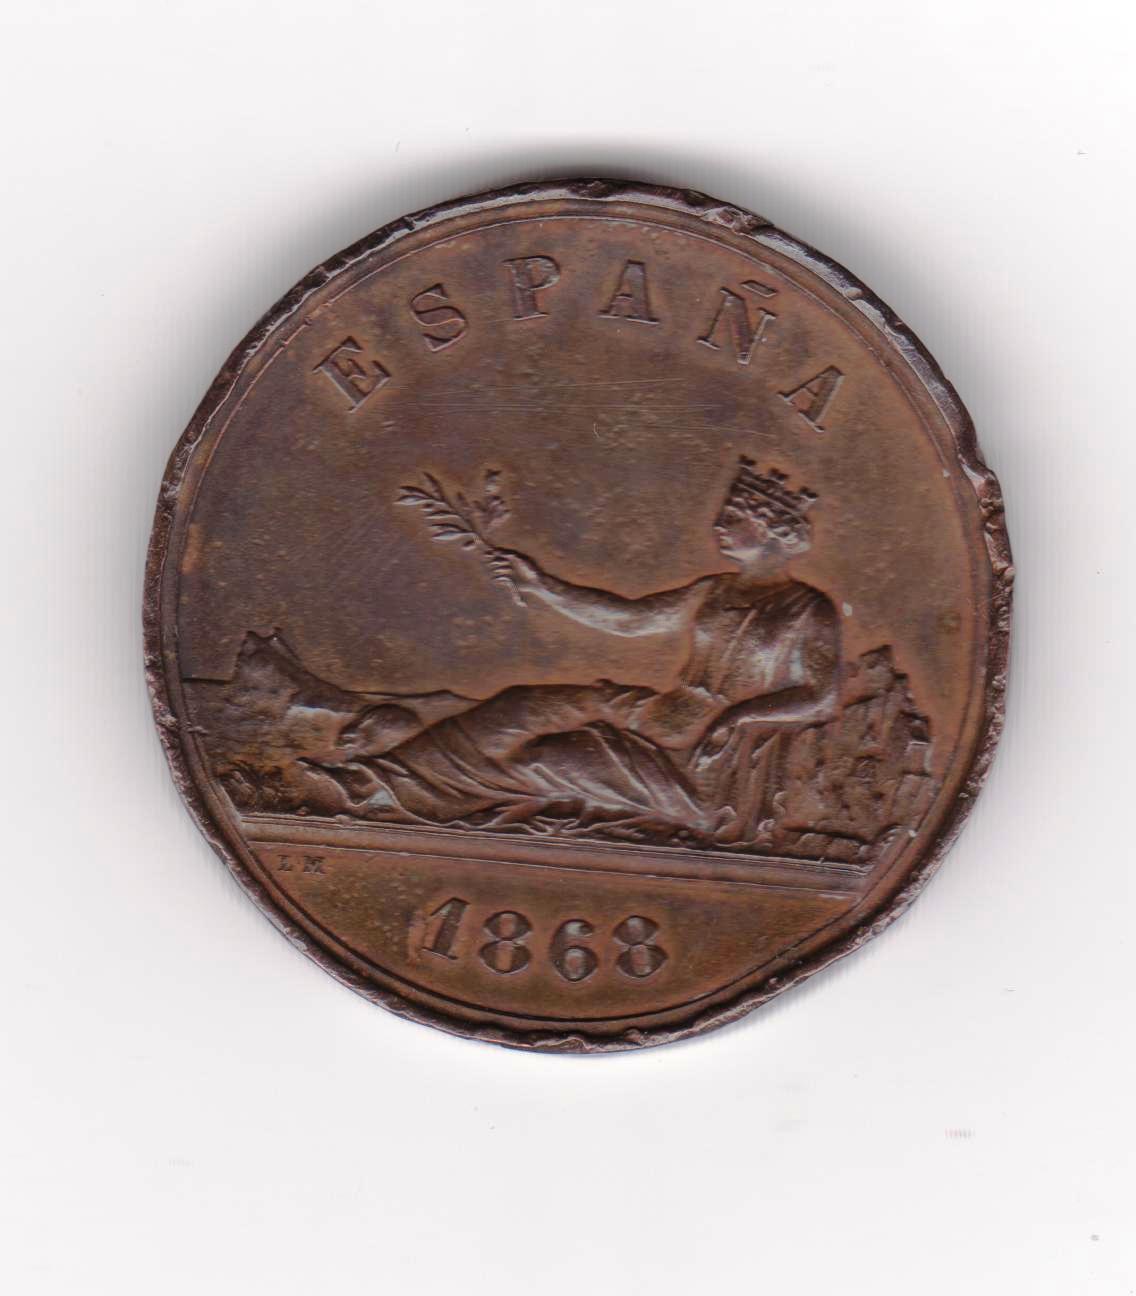 Prueba en cobre 1868, moneda de 5 pesstas 1869 Medalla_1868